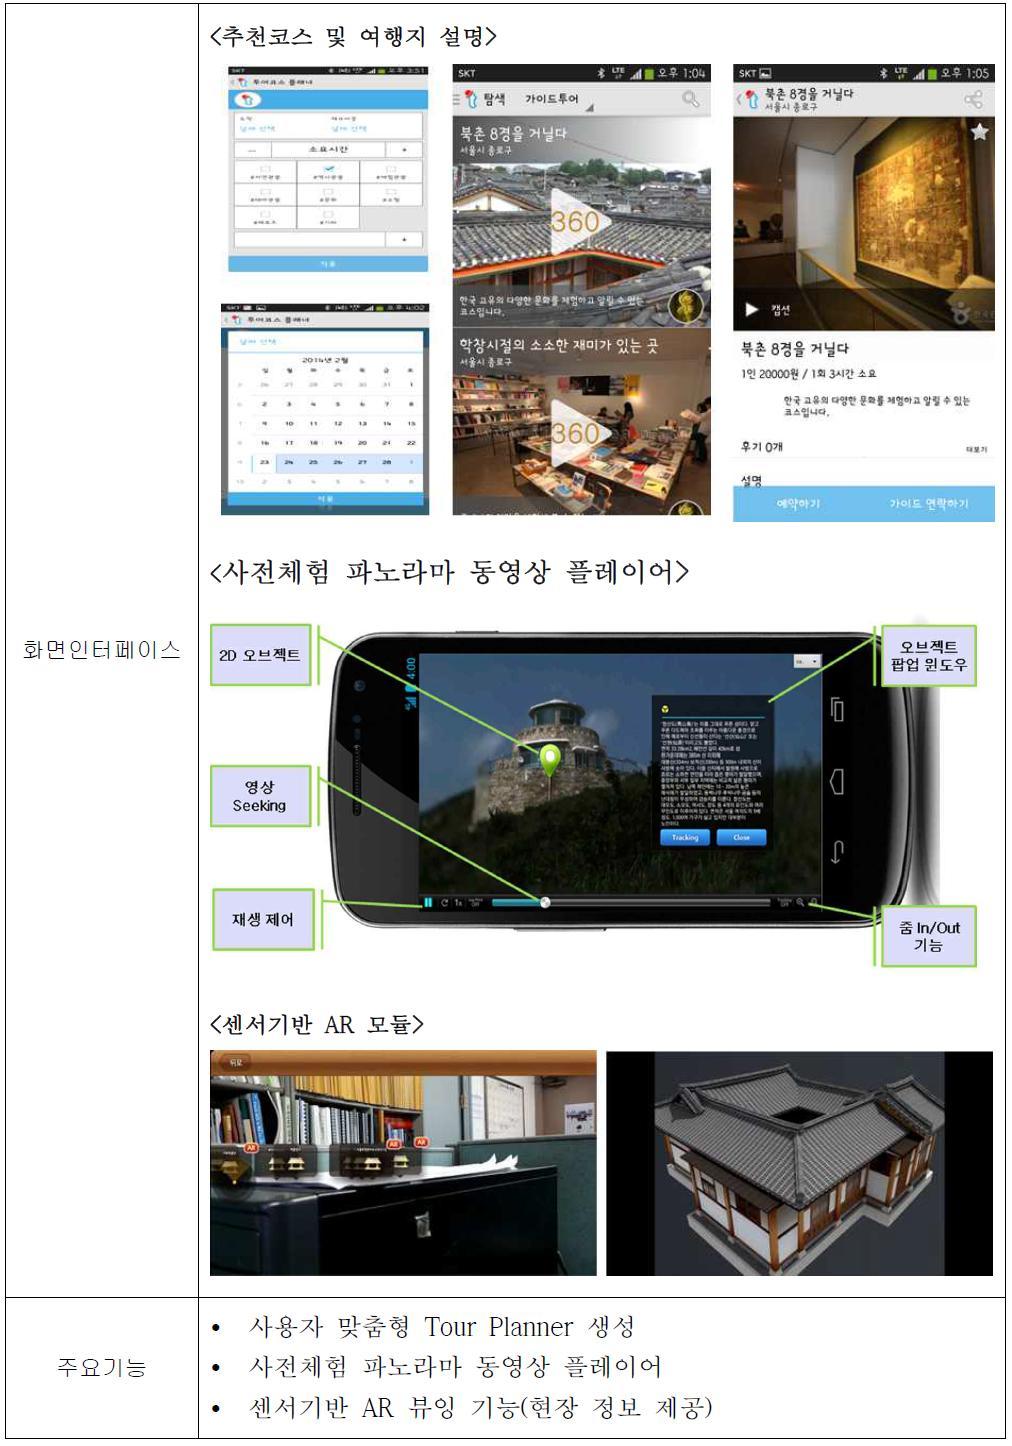 사전체험 관광 앱 화면